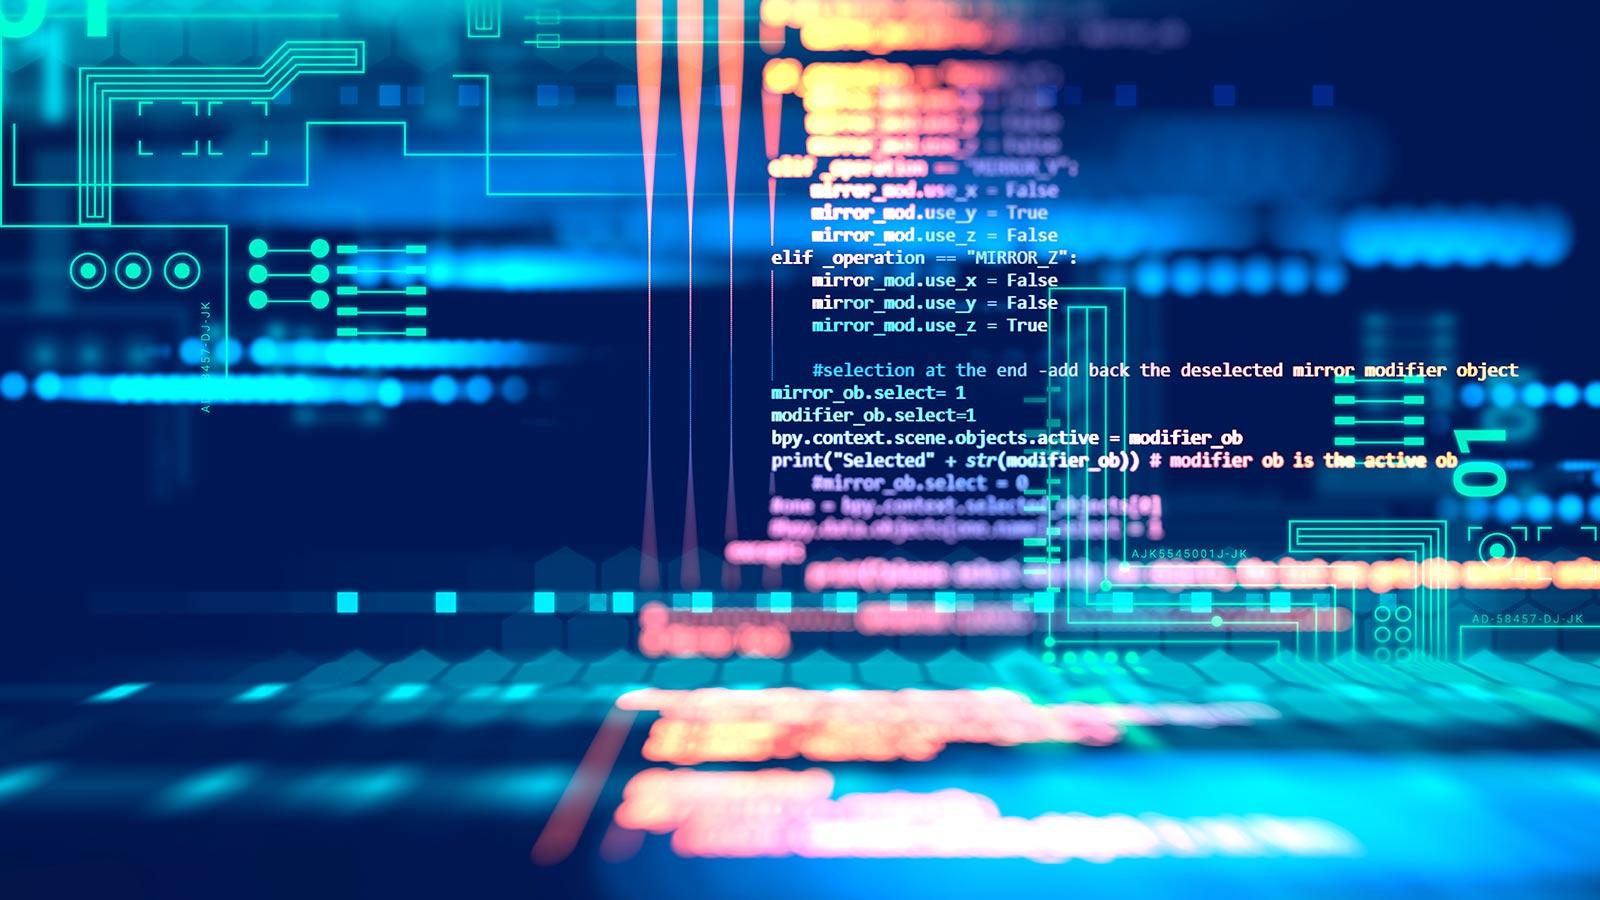 ما هي هندسة الحاسوب؟ وما تخصصاتها؟ وما مجالاتها؟